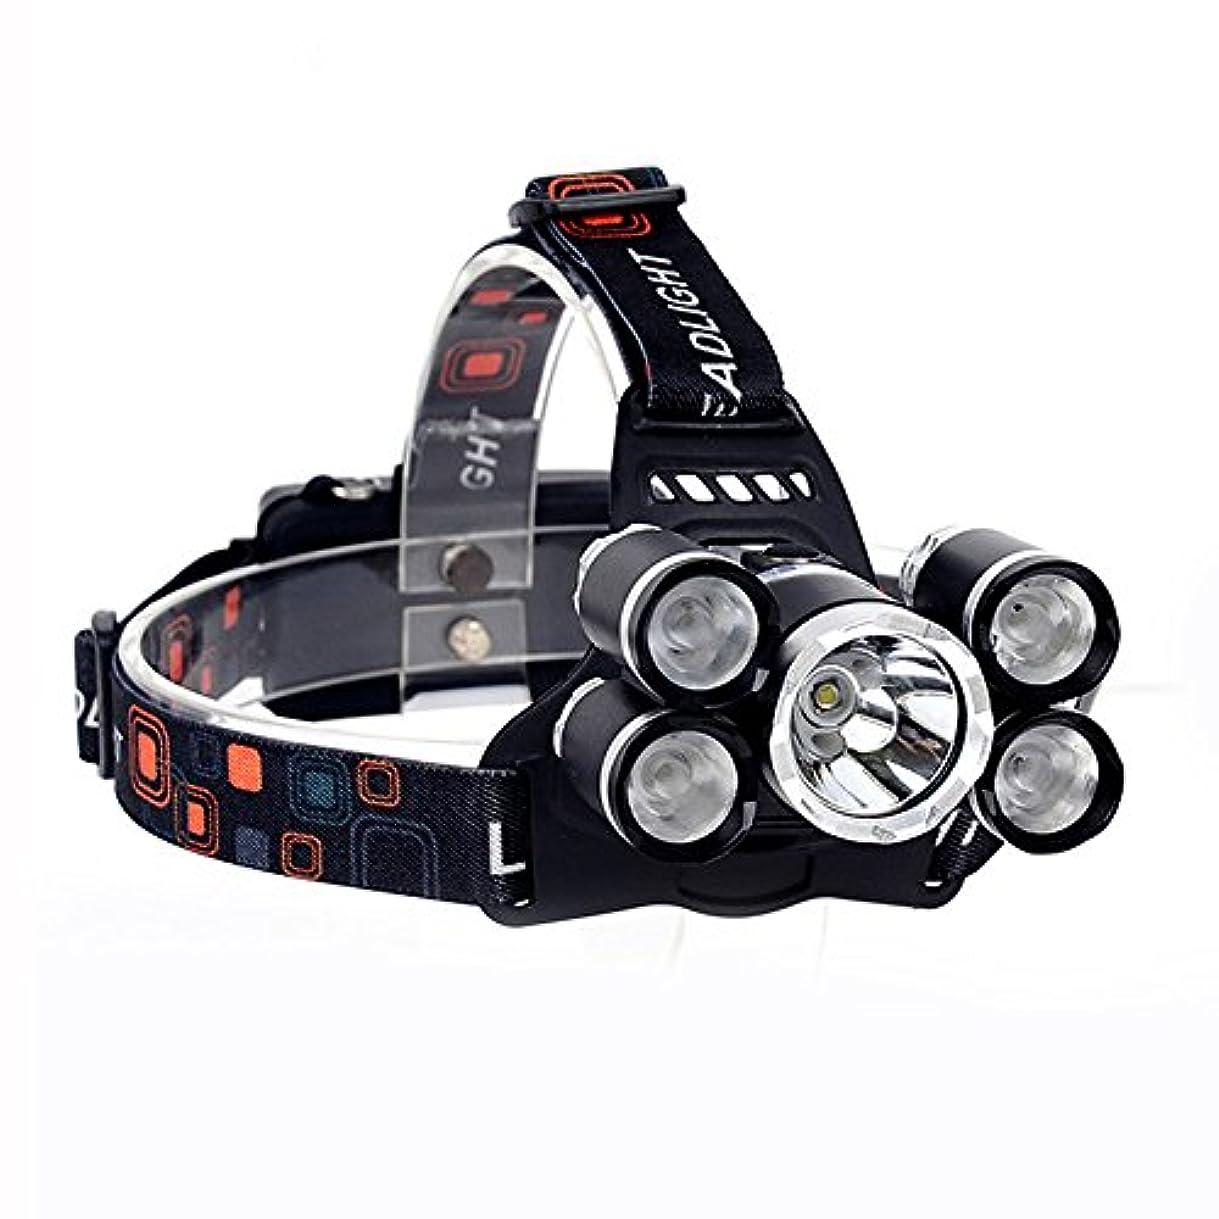 審判ジャンプ束XIAOBUDIAN 15000Lm LEDヘッドランプXML T6 + 4R5ヘッドランプ充電式18650ヘッド懐中電灯トーチキャンプフィッシングランタン